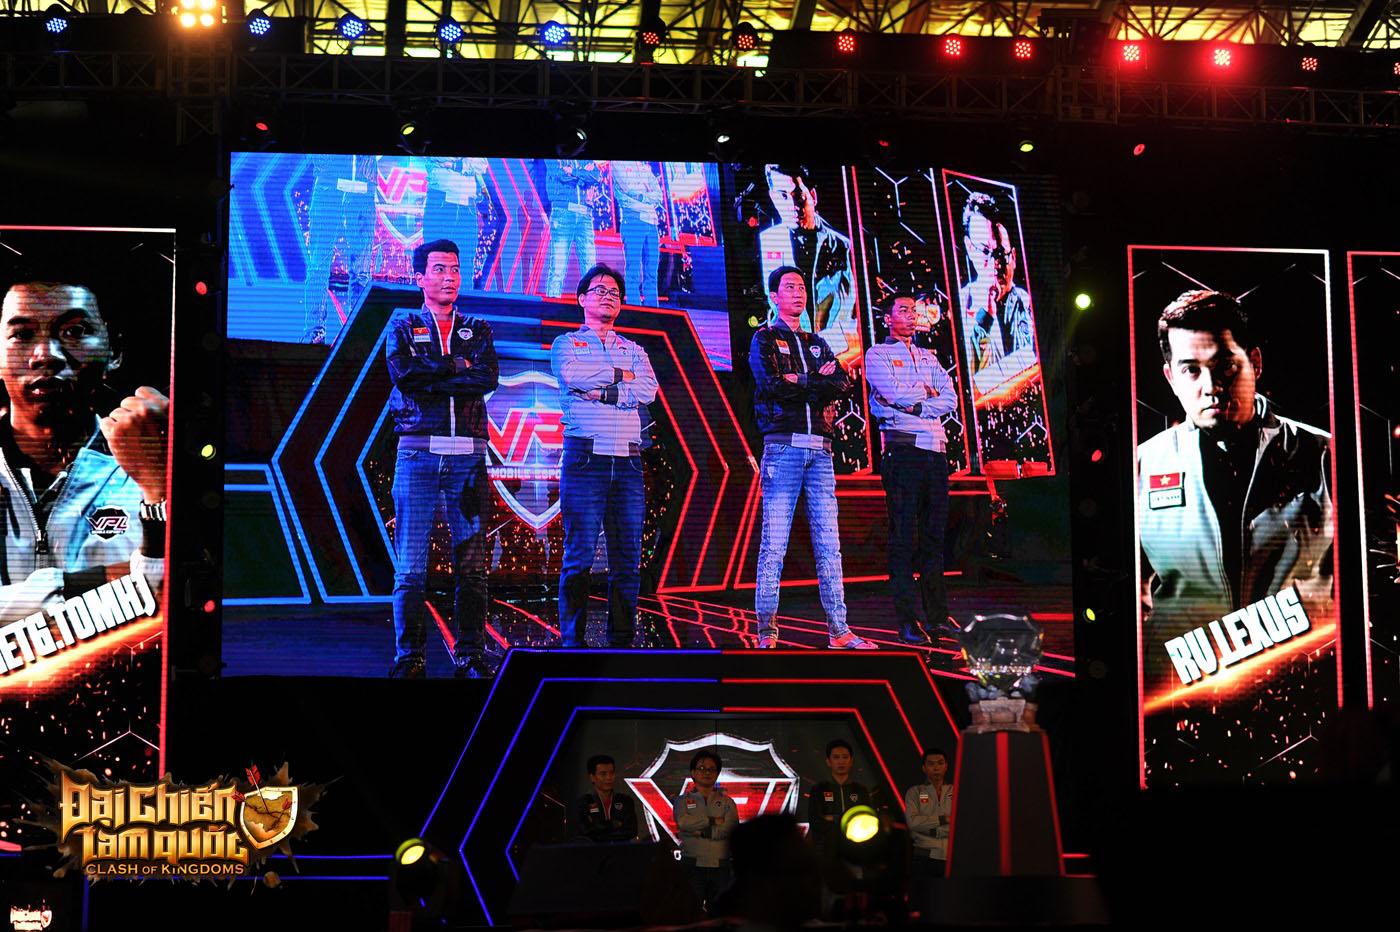 Hơn 1.000 game thủ Đại Chiến Tam Quốc 'đại náo' Cung Thể thao Quần Ngựa